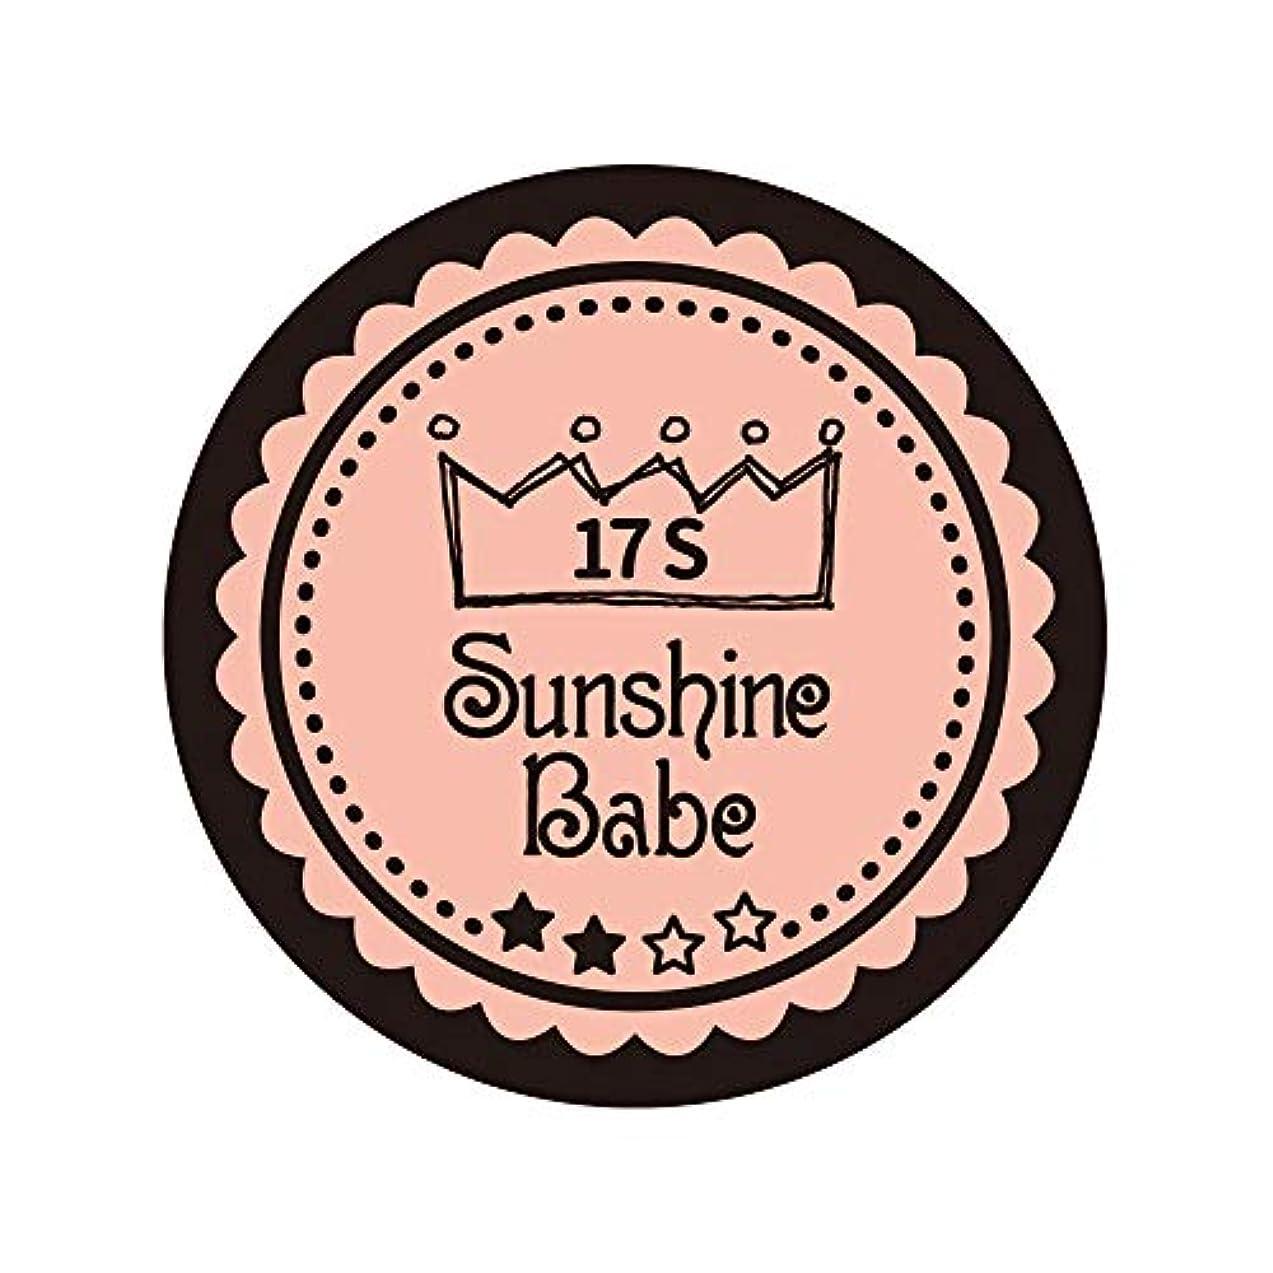 話すイタリックヒープSunshine Babe カラージェル 17S ヌーディローズ 2.7g UV/LED対応